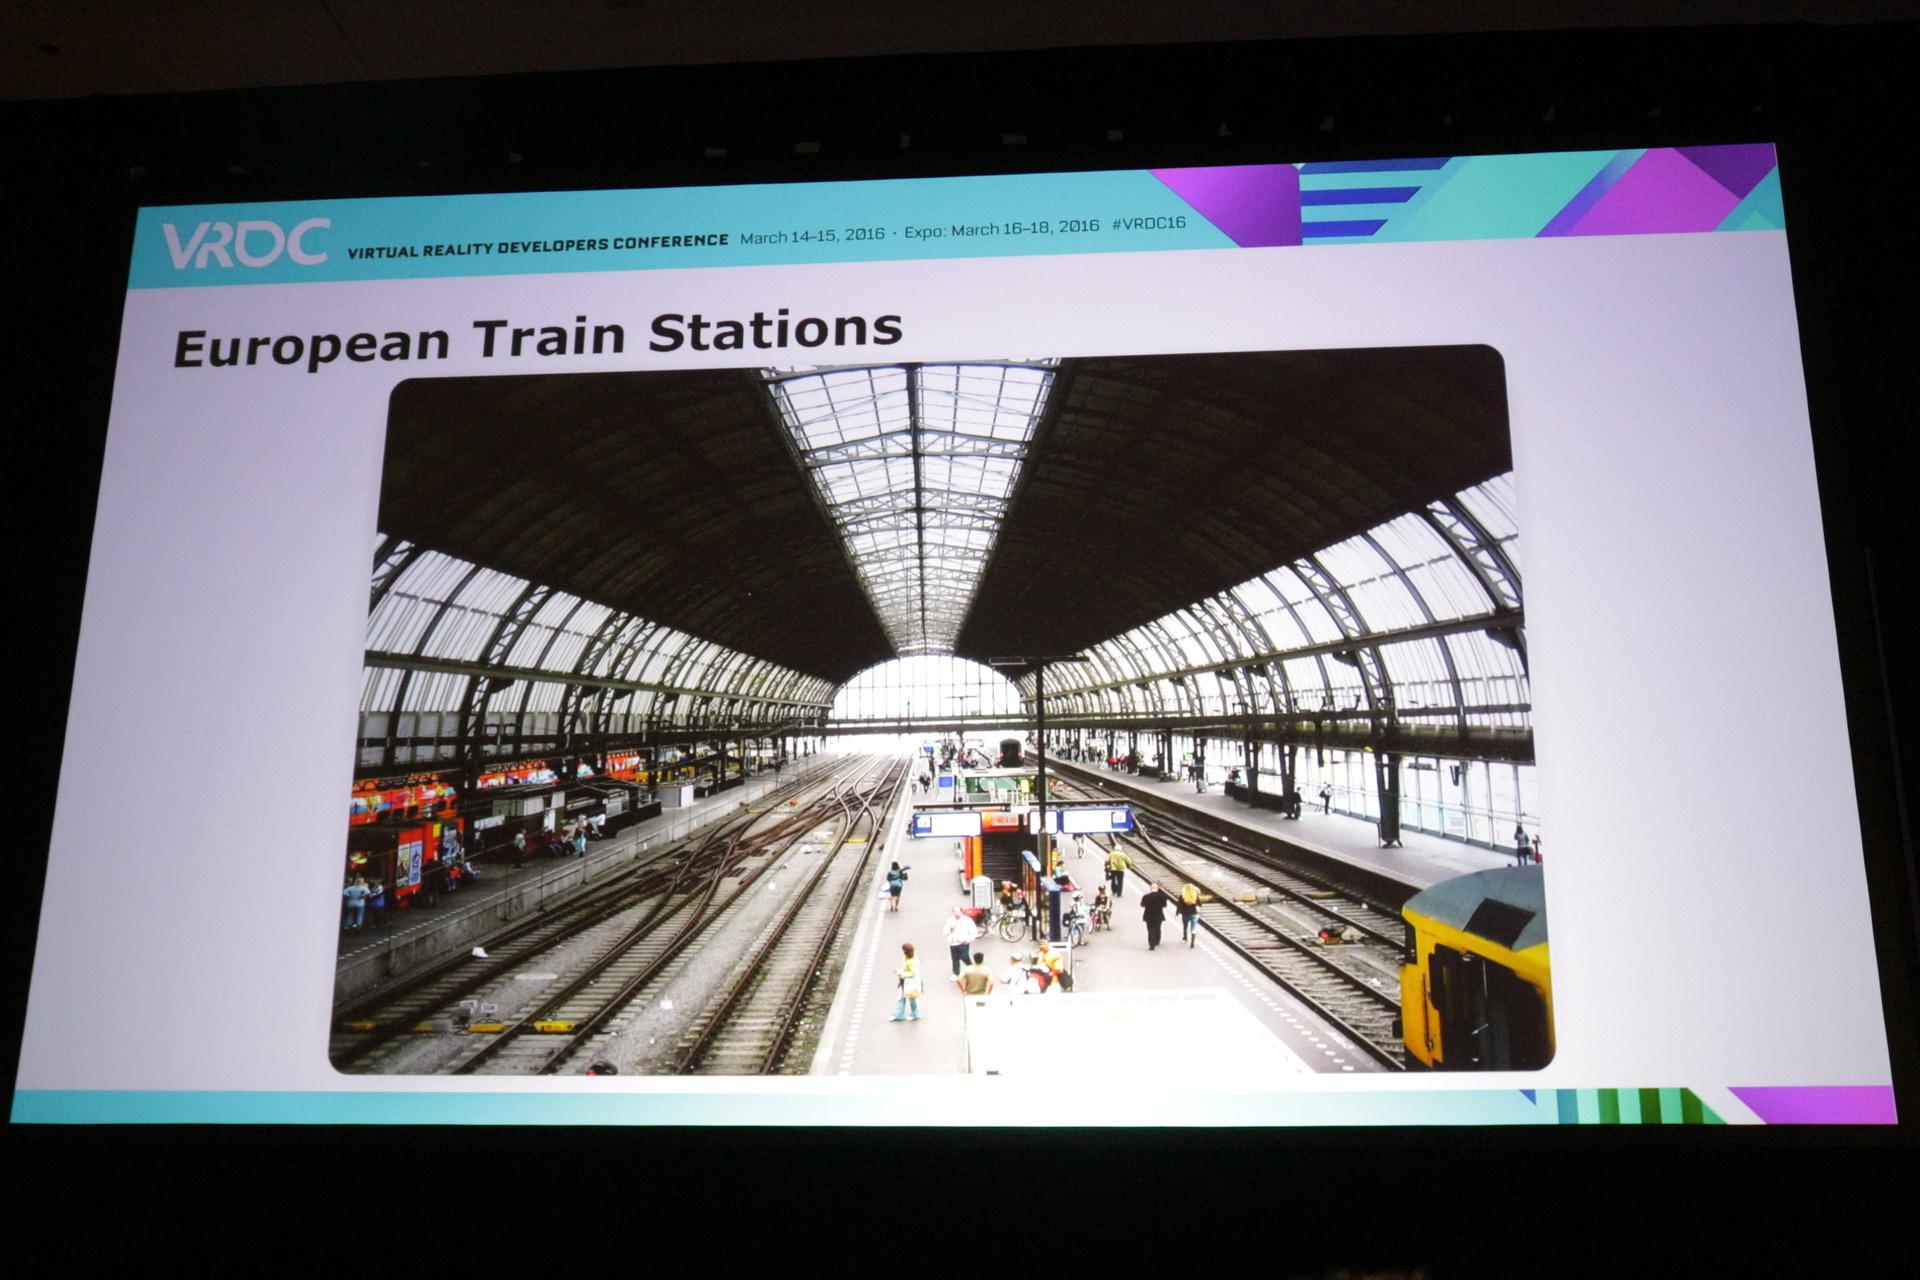 ステージデザインの元になったのは、スタジオのある街の空港と、フランス人クリエイターの故郷の駅舎。電車の外観はマーケットプレイスのものを利用するなど最小限のアセット制作で開発が進められた